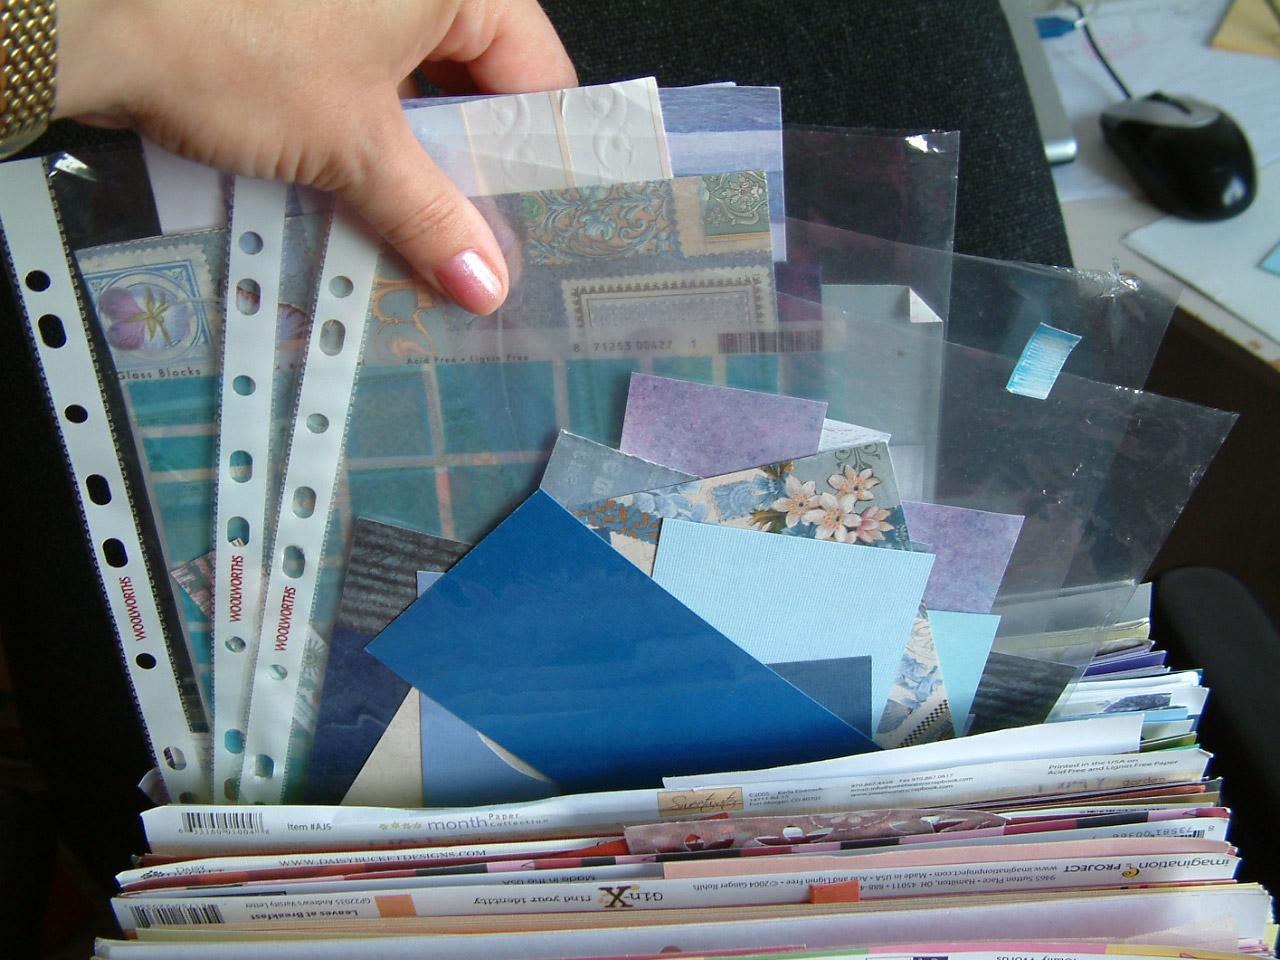 Scrapbook paper store - Scrapbook Paper Store Scrapbooking Paper Storage Solution Download